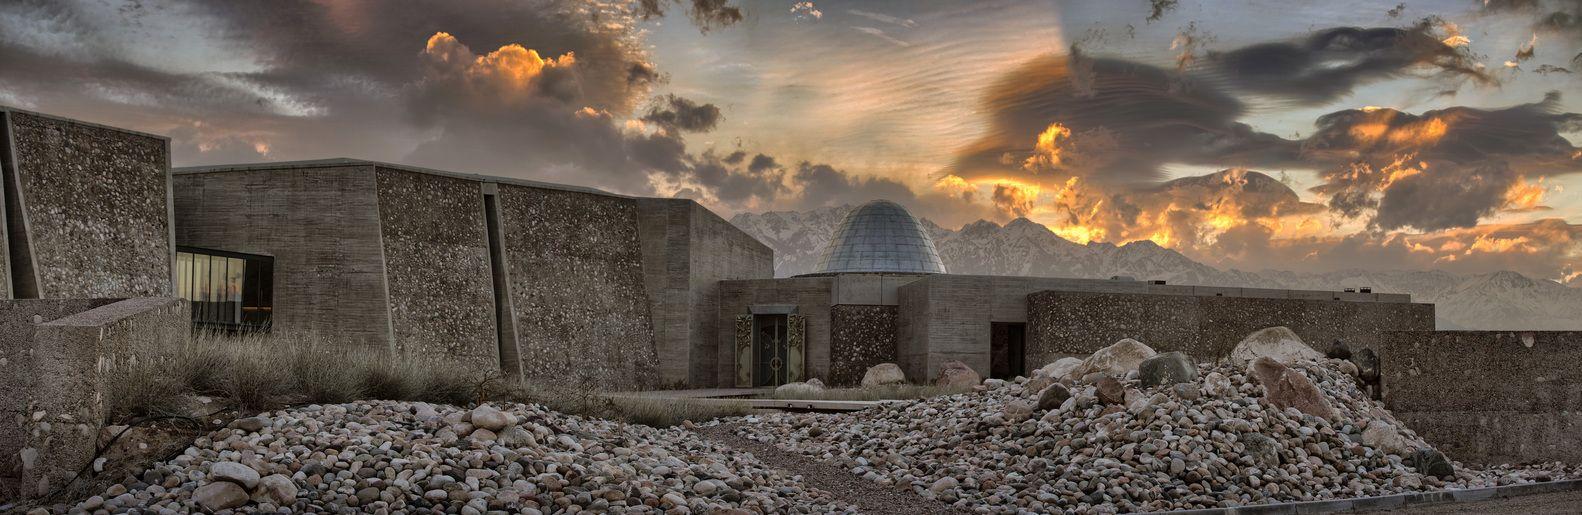 Galería de Bodega Zuccardi Valle de Uco / Tom Hughes + Fernando ...